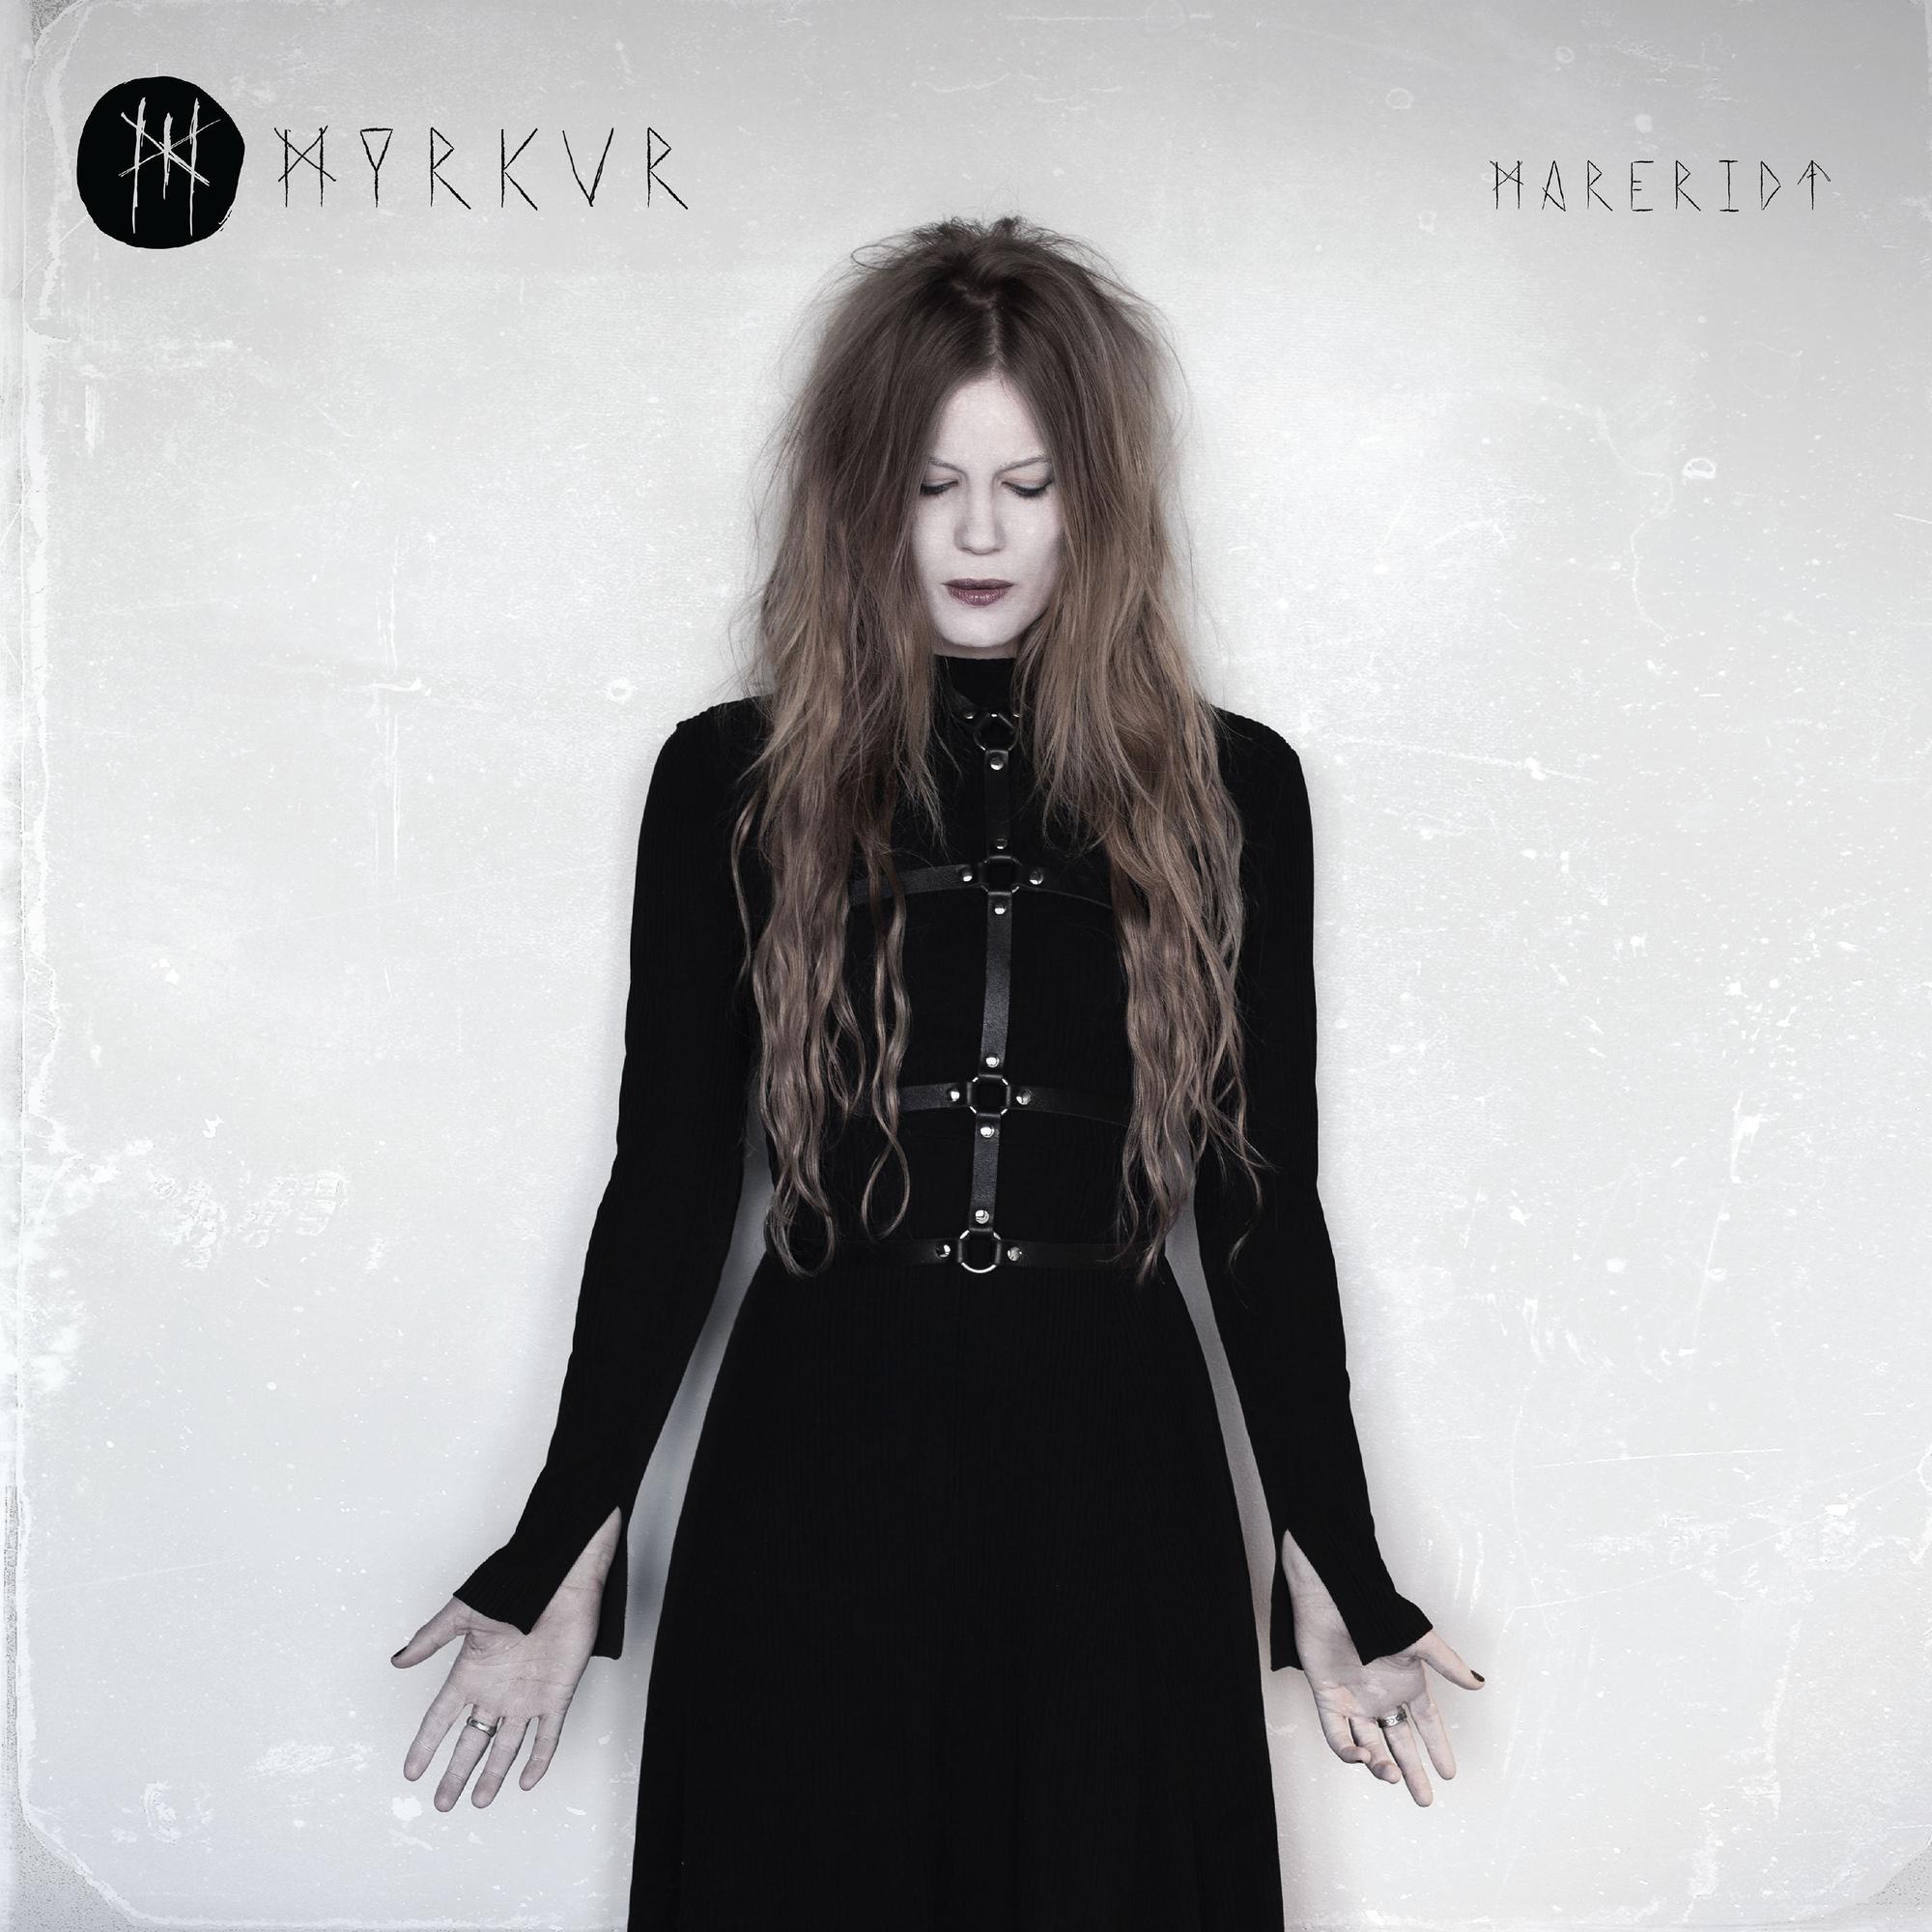 Myrkur - Mareridt [LP] (black & Silver Vinyl)